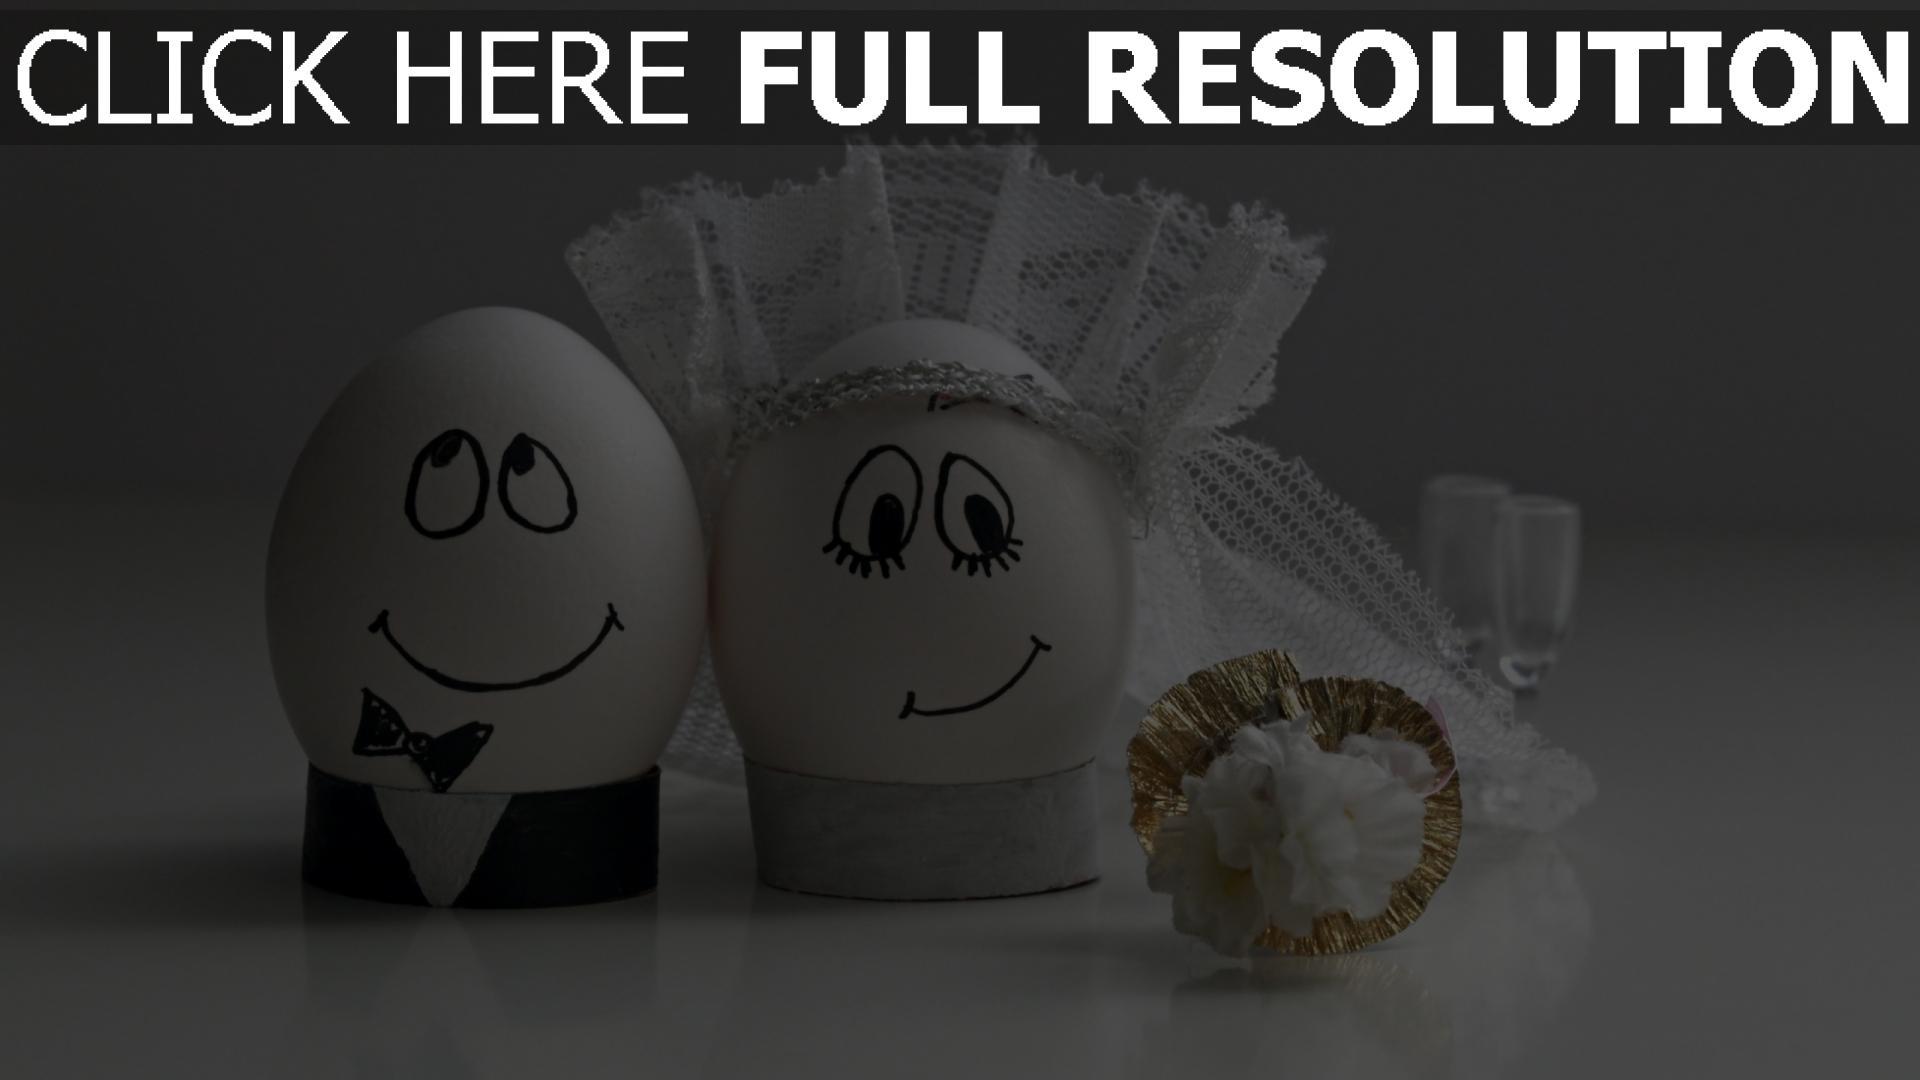 Hd Hintergrundbilder Hochzeit Dekorationen Paar Ostern Desktop